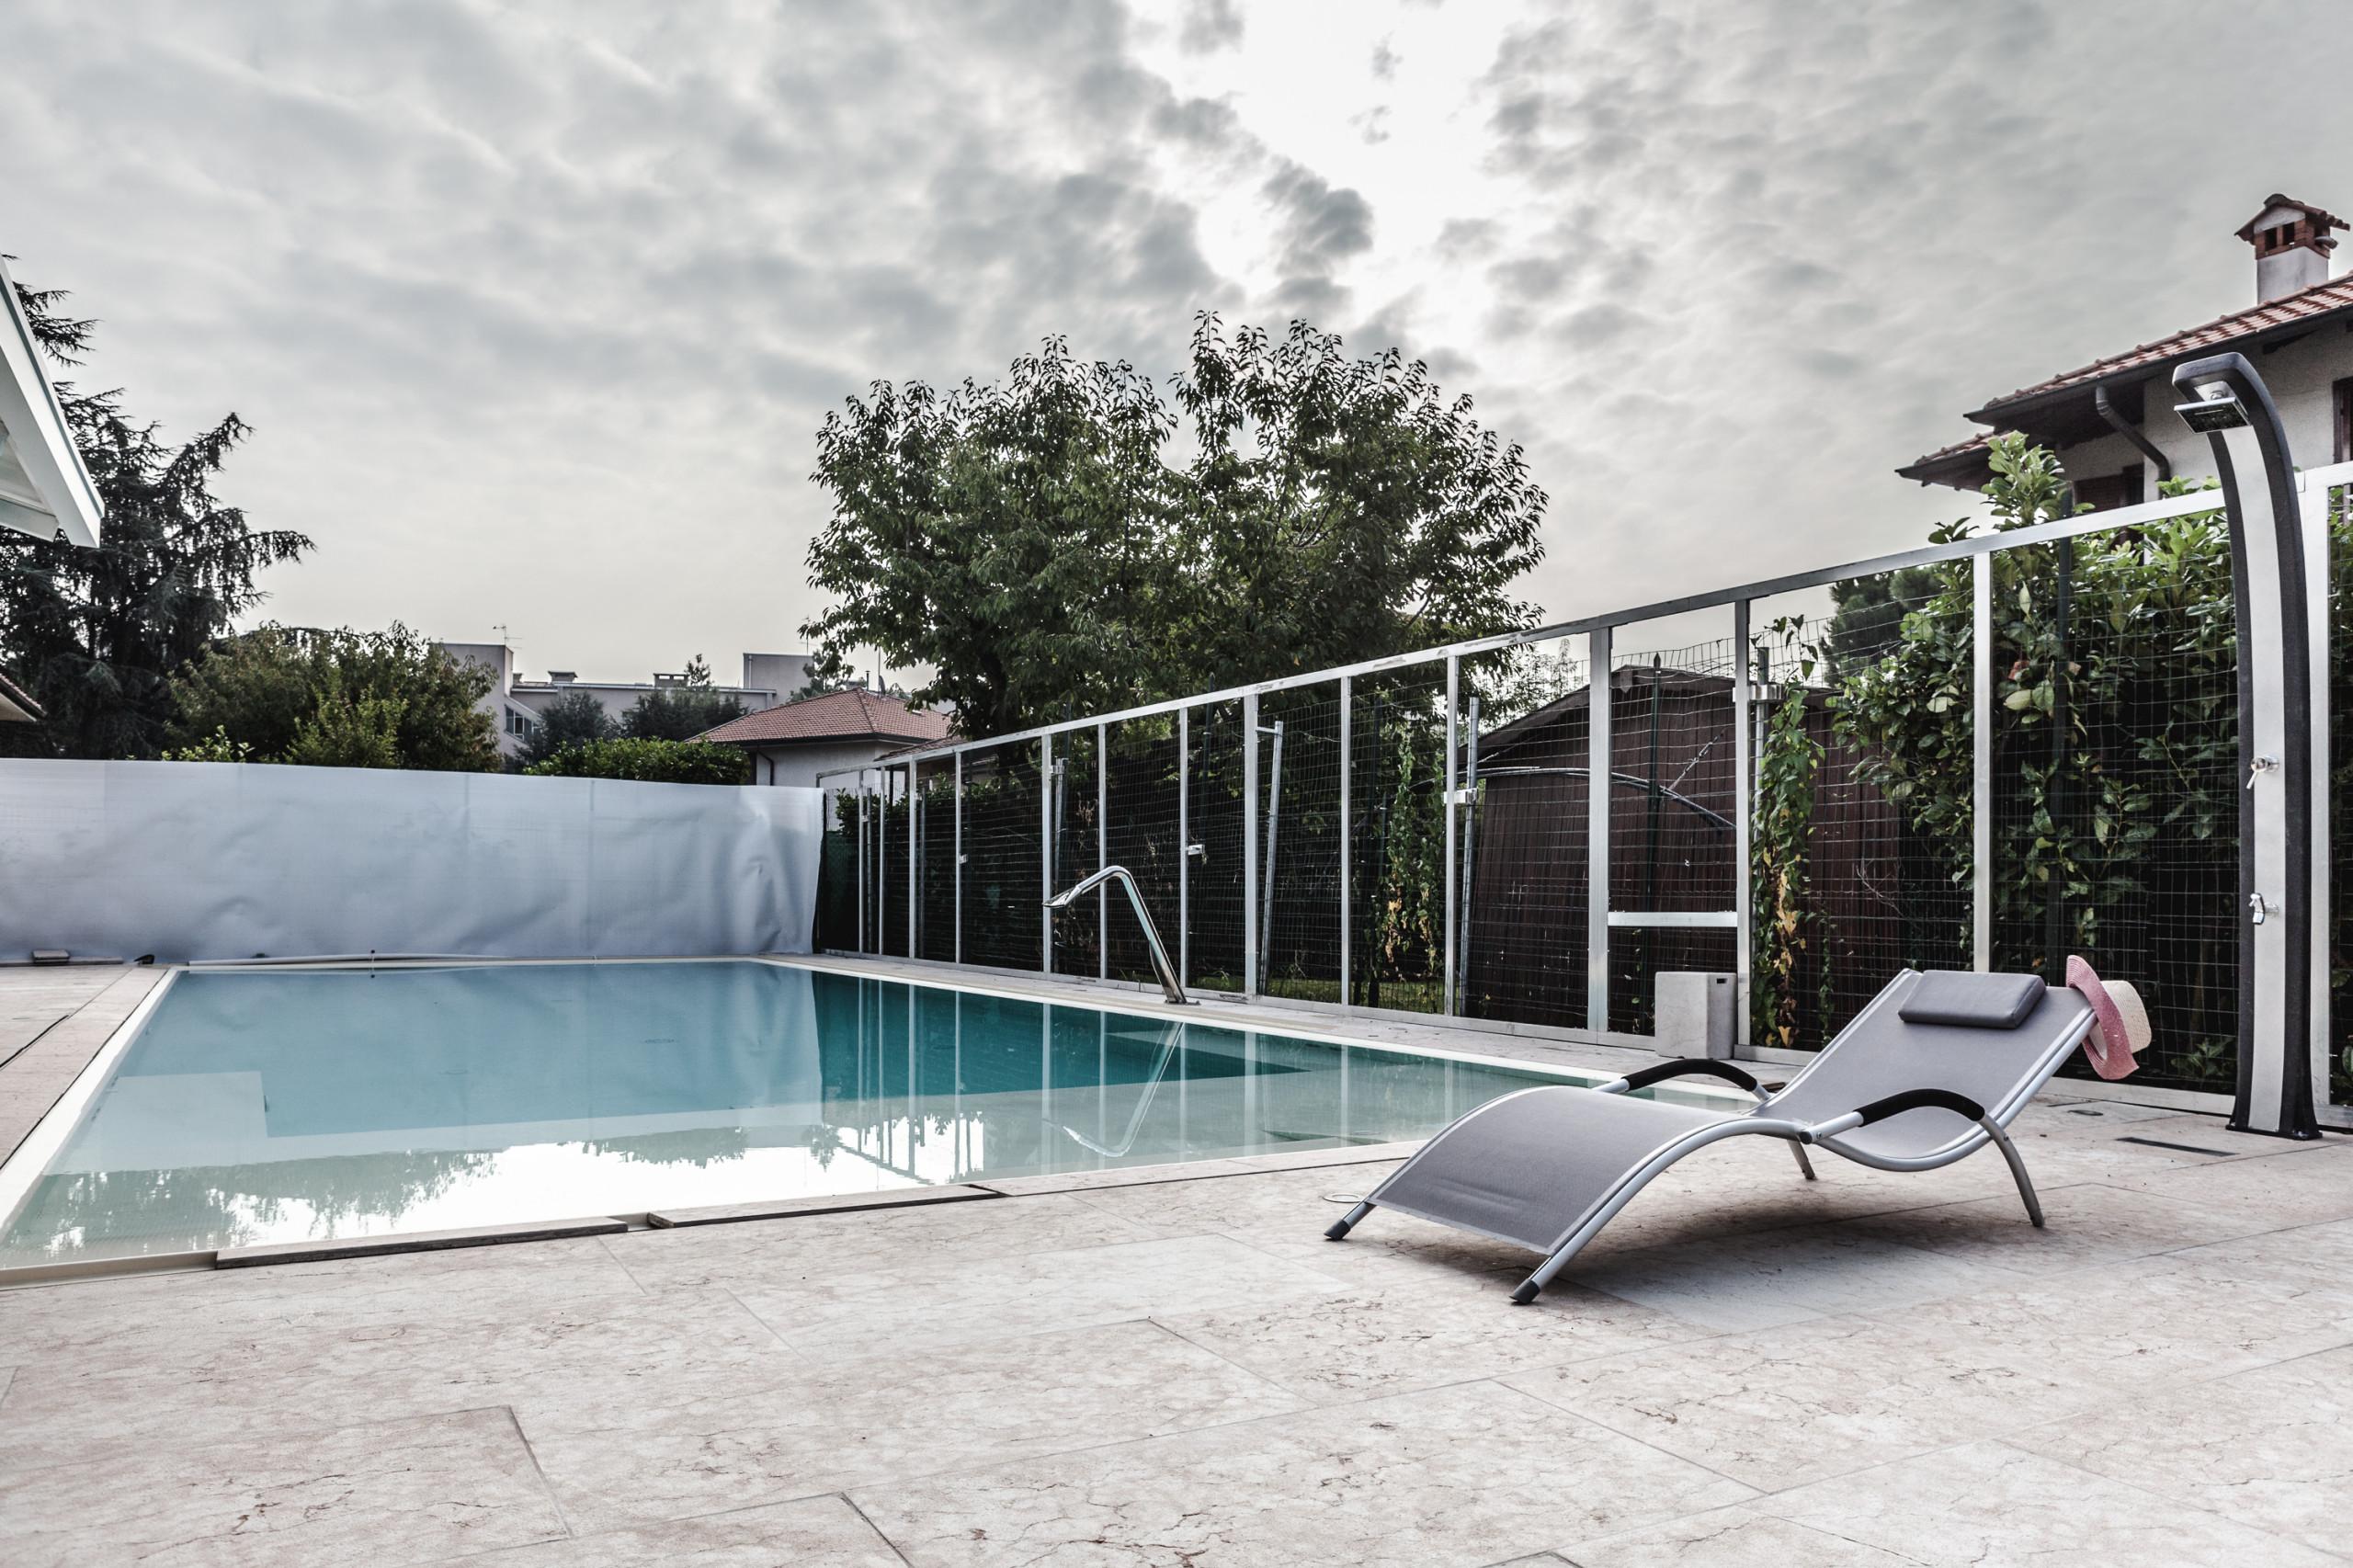 Villa con piscina   Ristrutturazione completa 100mq